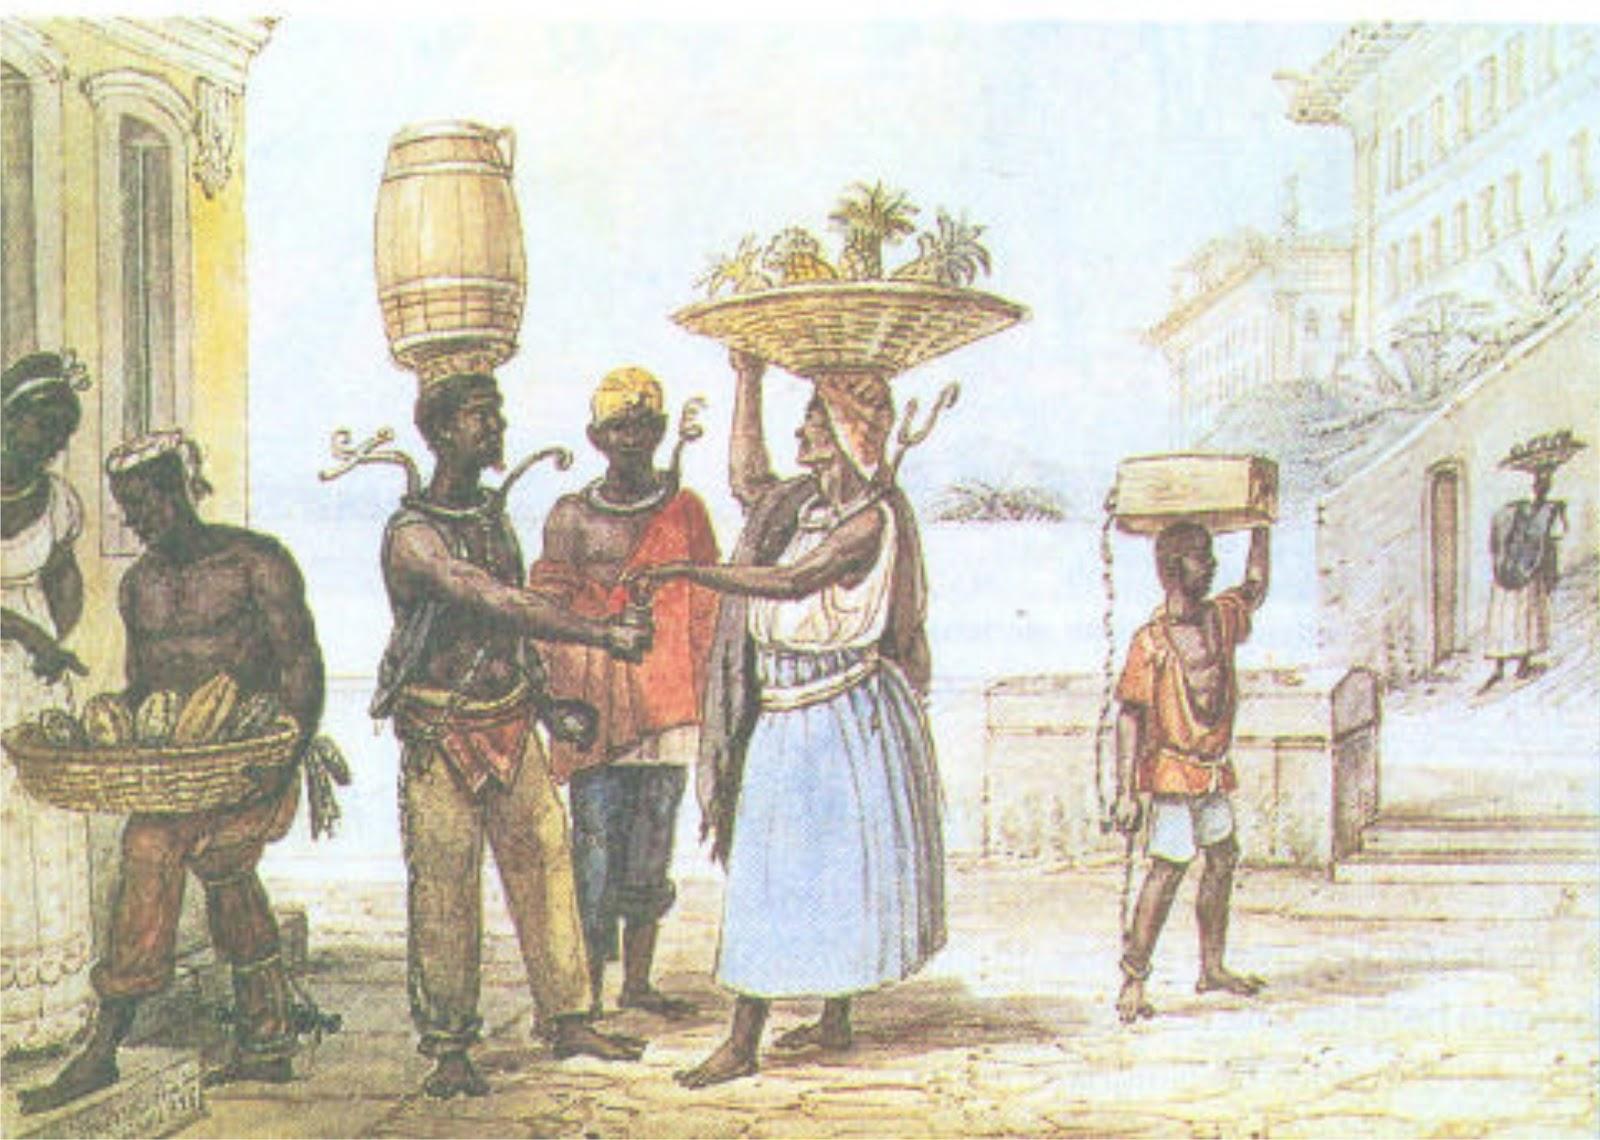 Eu Adoro História: Escravidão negra no Brasil